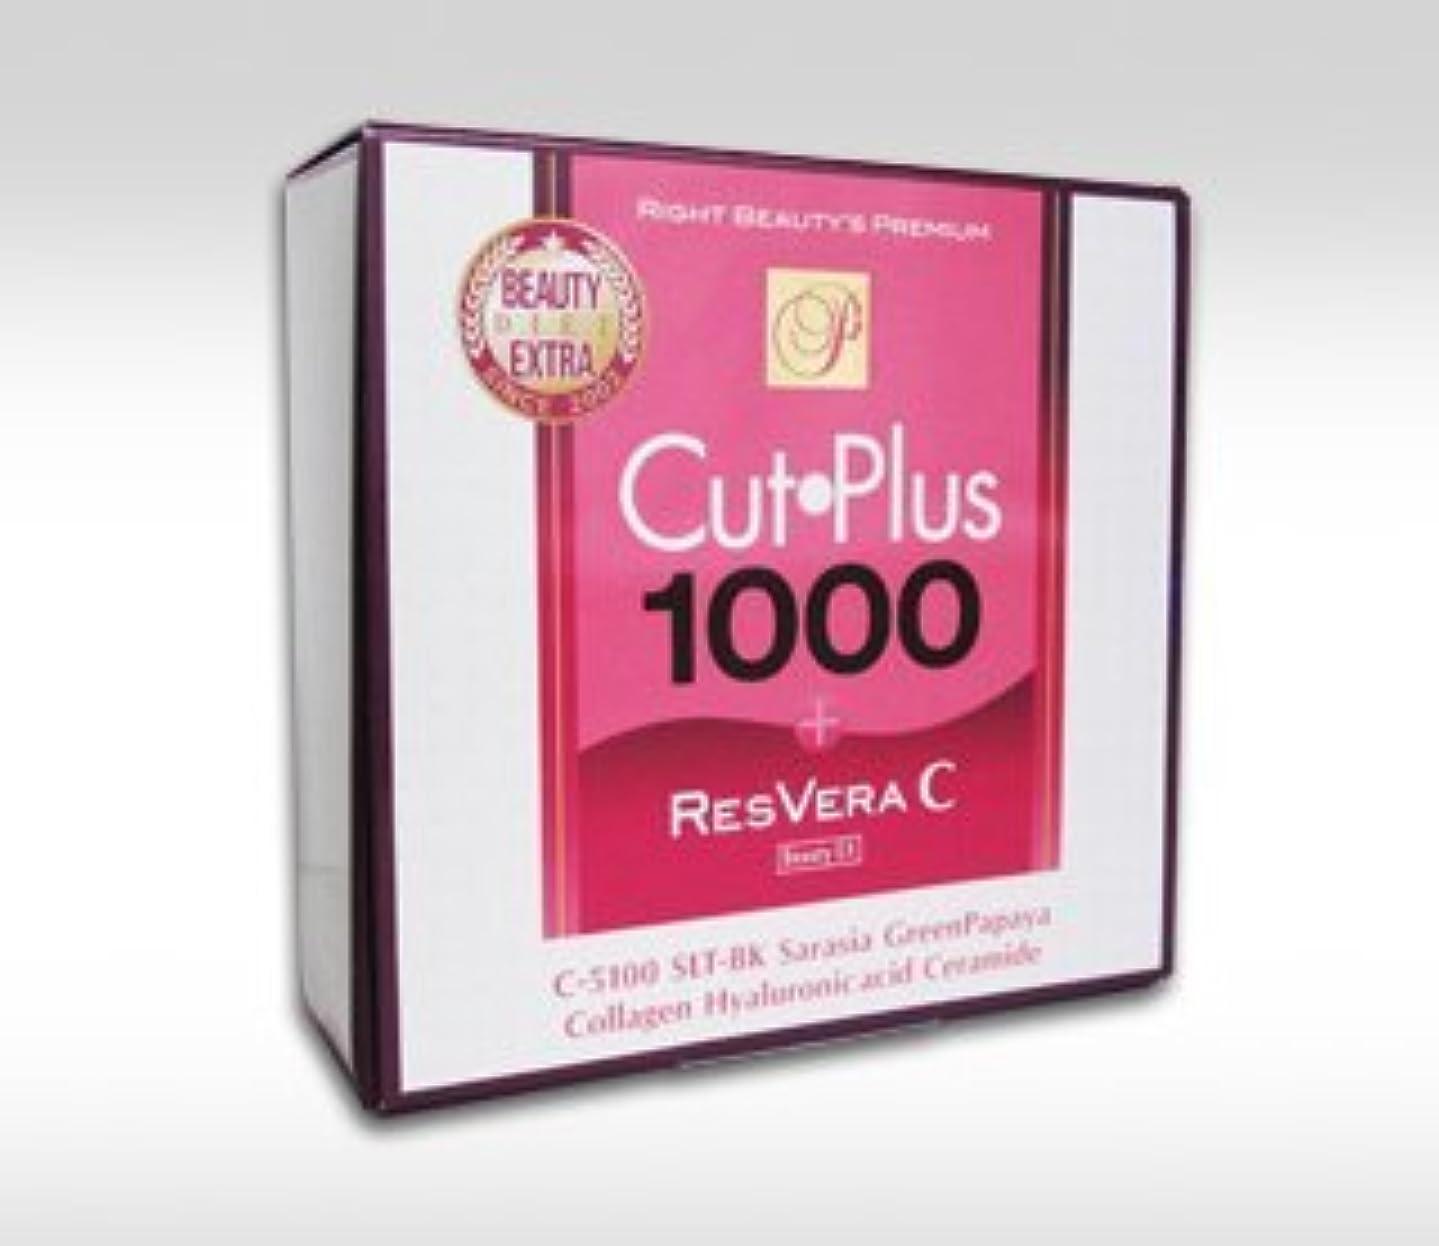 世紀ゲインセイ持つカットプラス1000 RESVERA C レスベラC 3個セット ※チョーナイさわやか善玉美人登場!大人気のカットプラスシリーズに抗酸化成分「レスベラトロール」投入!からだの中からの本当の美ダイエット!